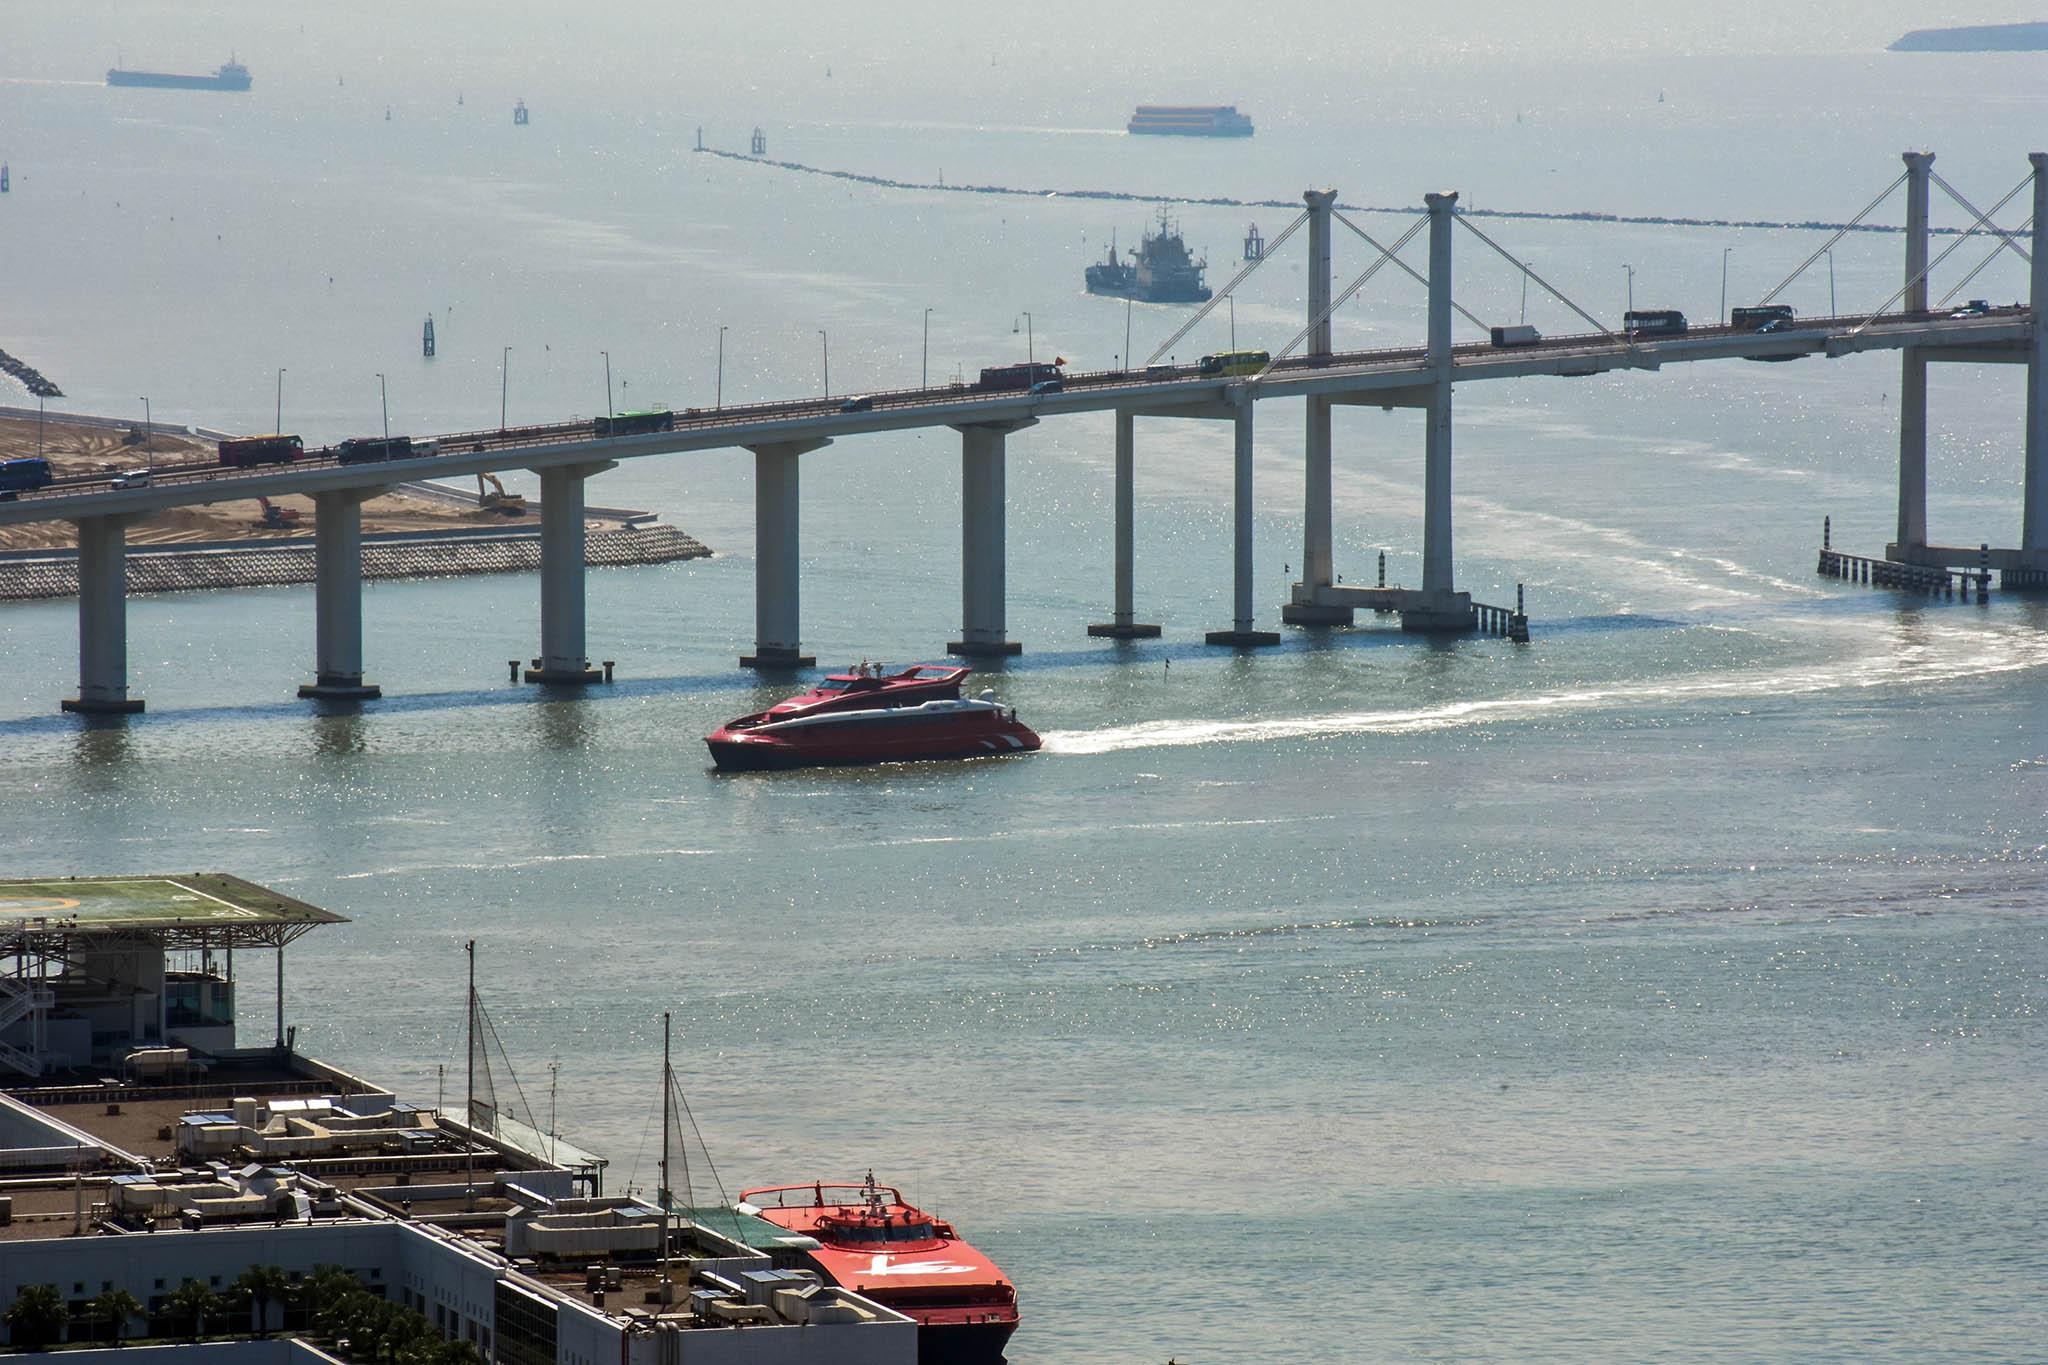 Transportes | Cancelamento de ferries do Aeroporto de Hong Kong gera queixas